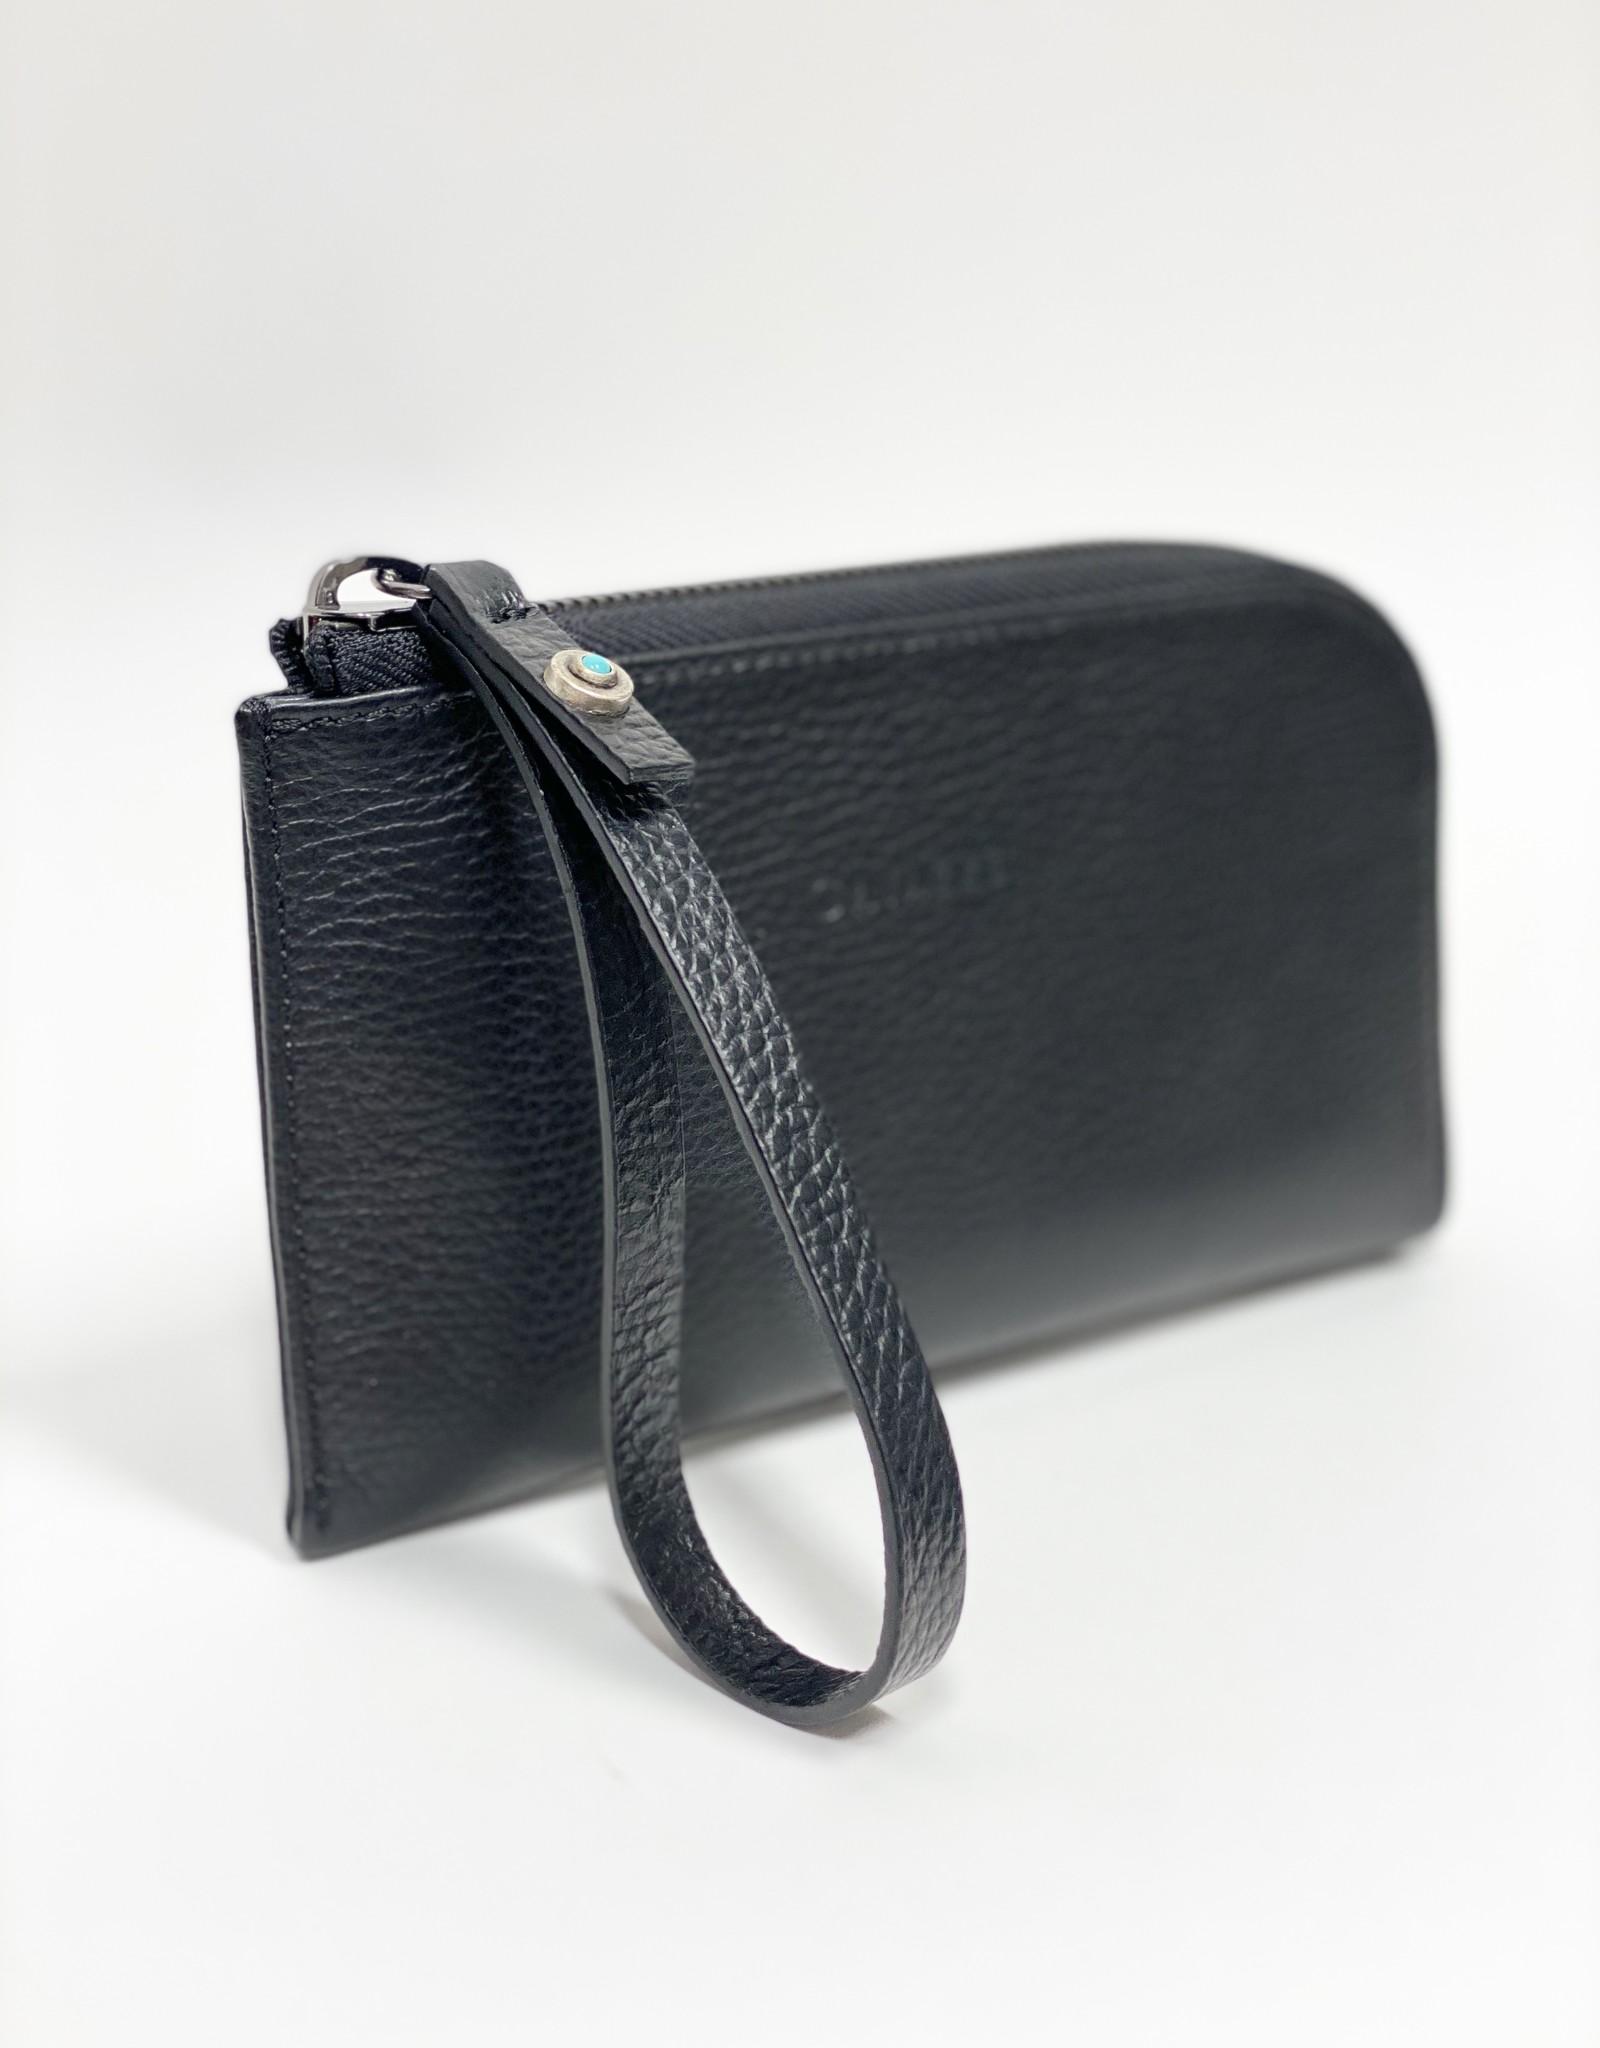 Sergio Gavazzeni Leather Pouch